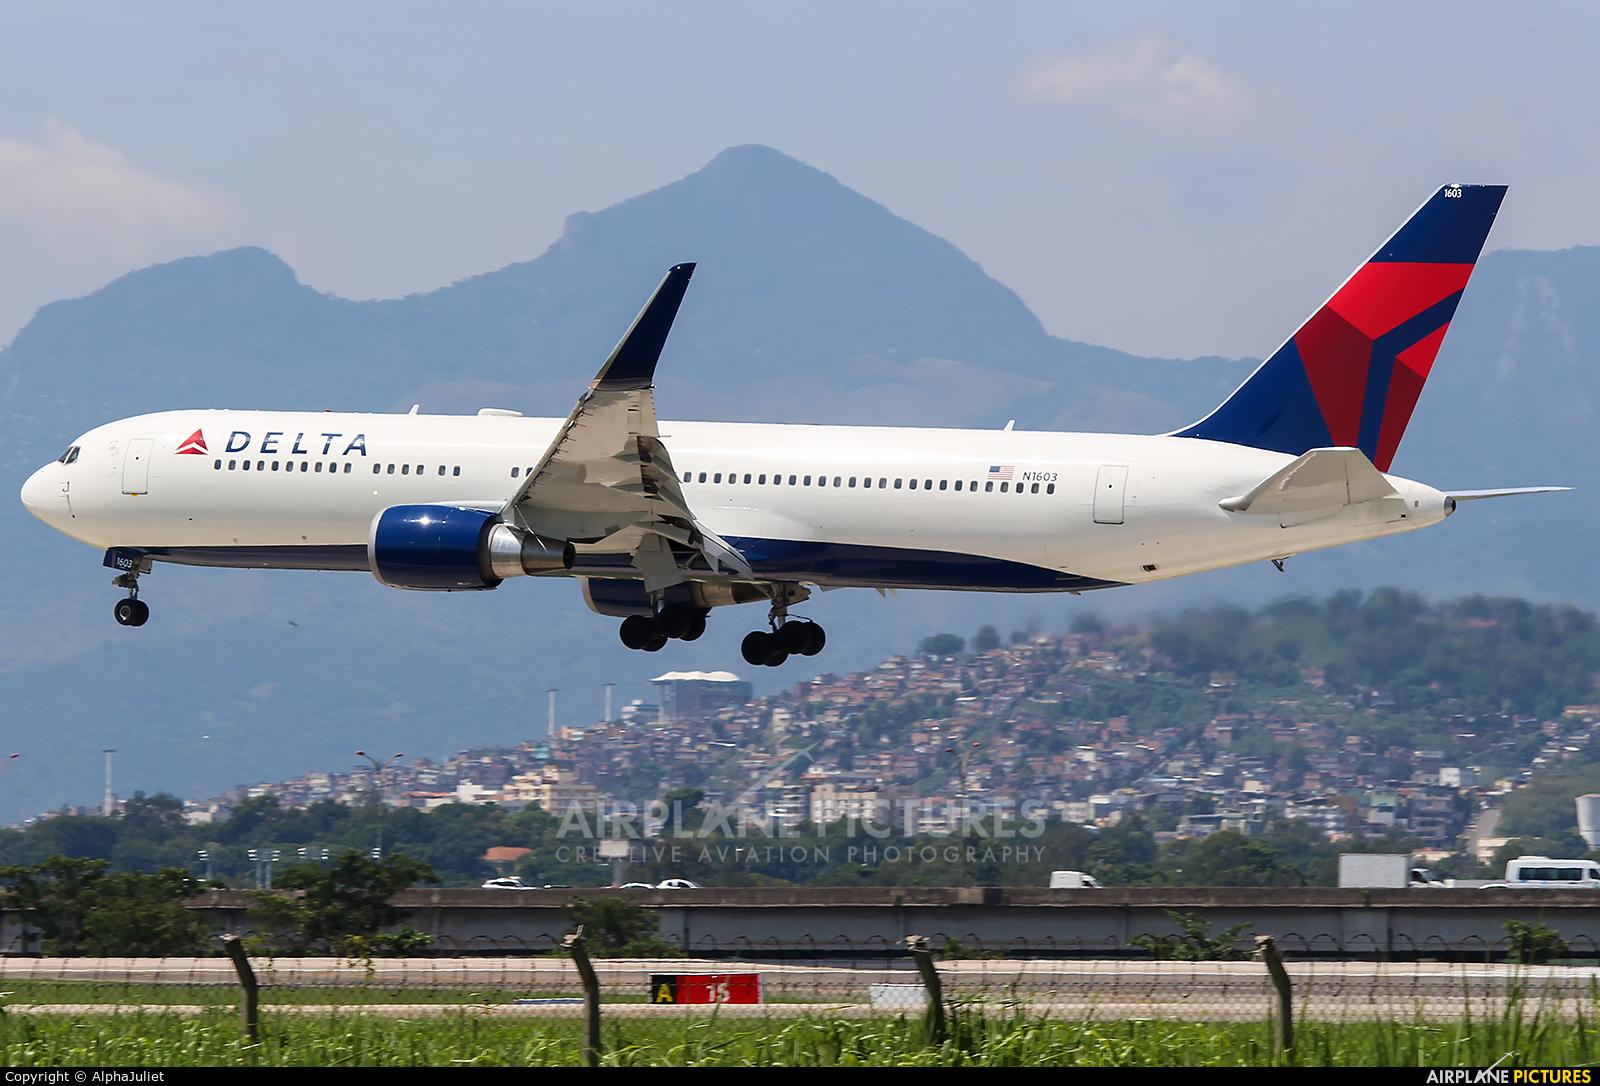 Delta Air Lines N1603 aircraft at Rio de Janeiro/Galeão Intl - Antonio Carlos Jobim